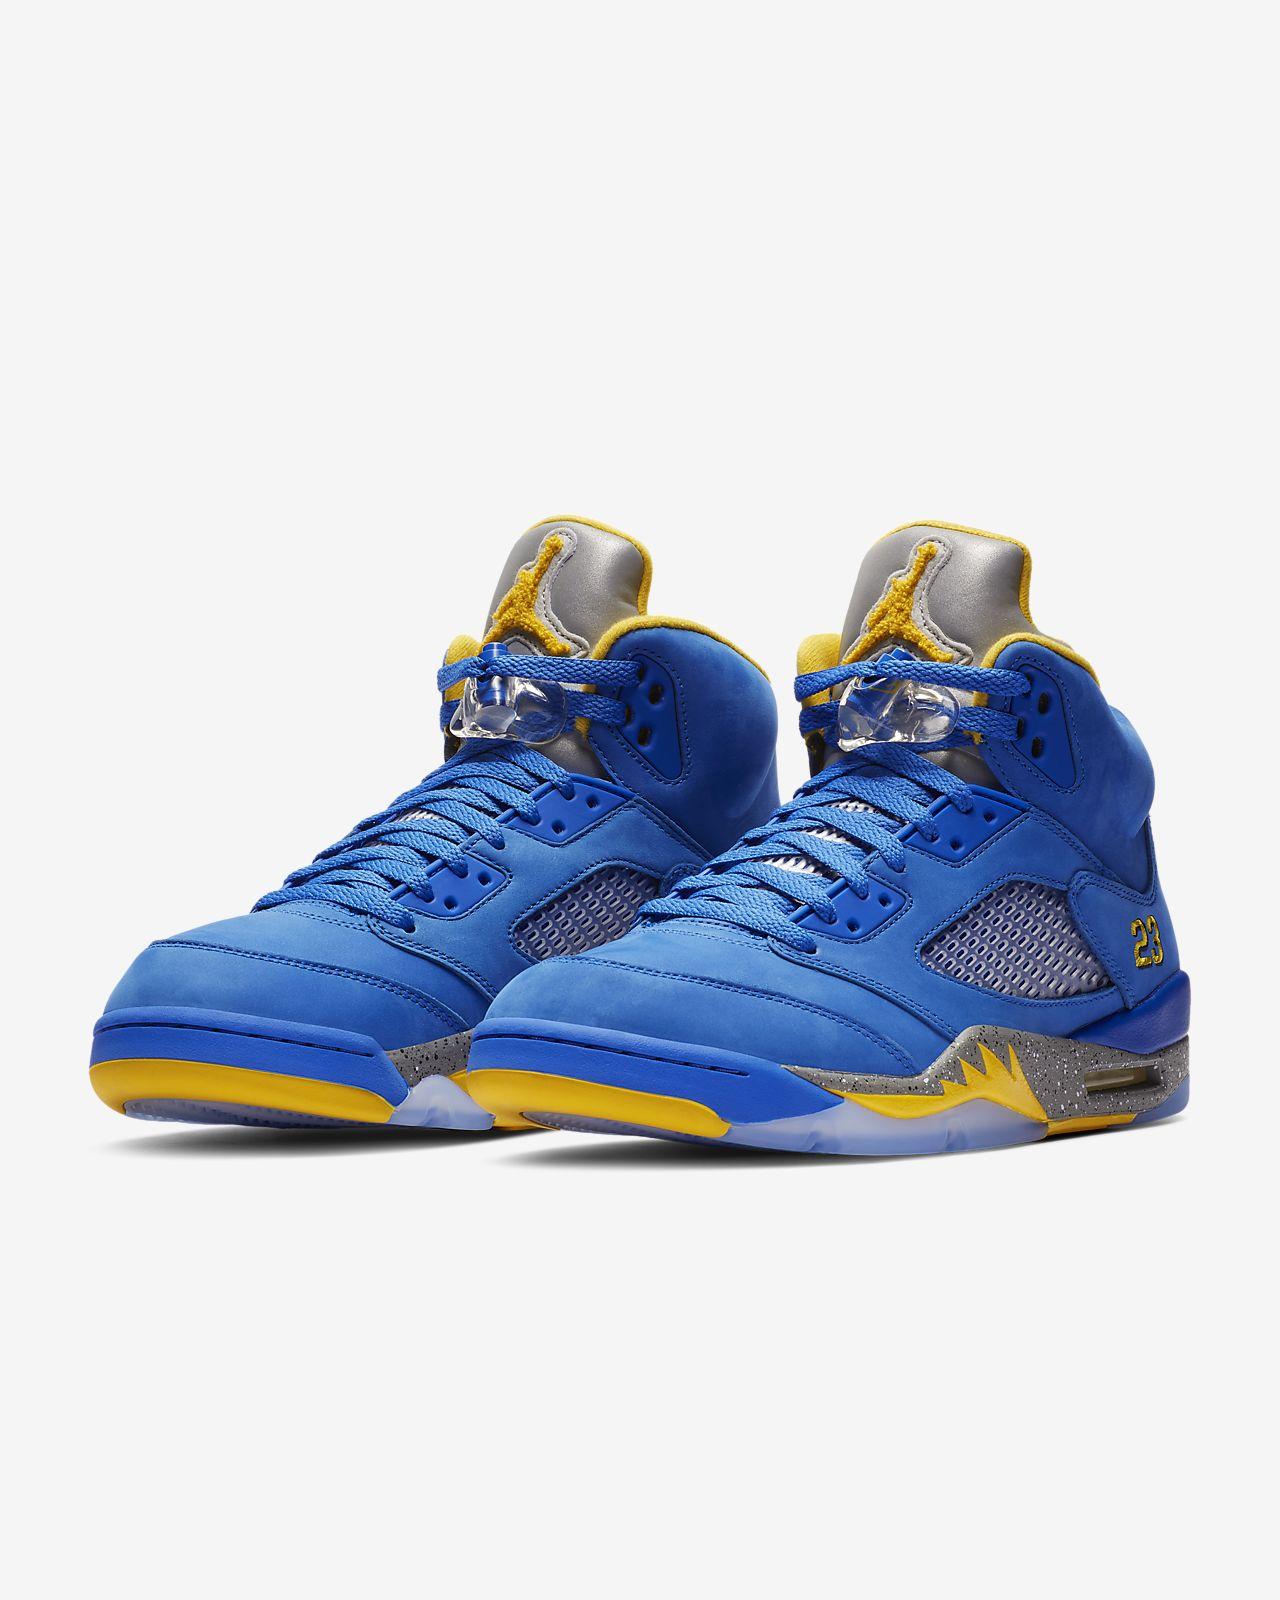 new style 18ae2 5d89c ... Chaussure Air Jordan 5 Laney JSP pour Homme